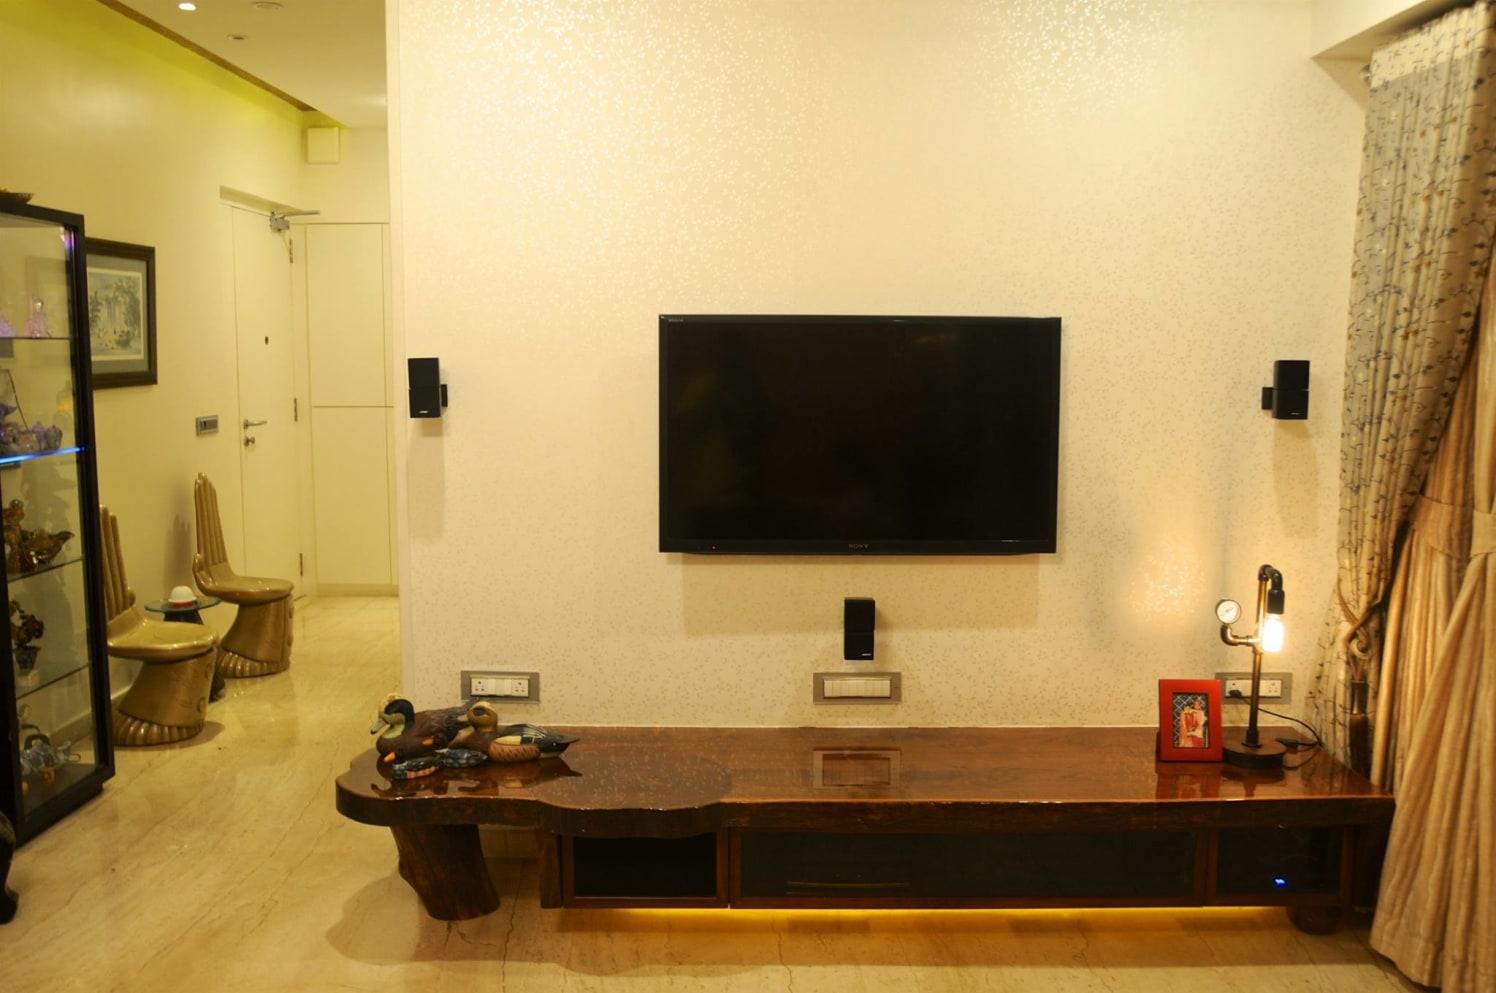 Living Room by Design Kkarma Living-room Contemporary | Interior Design Photos & Ideas